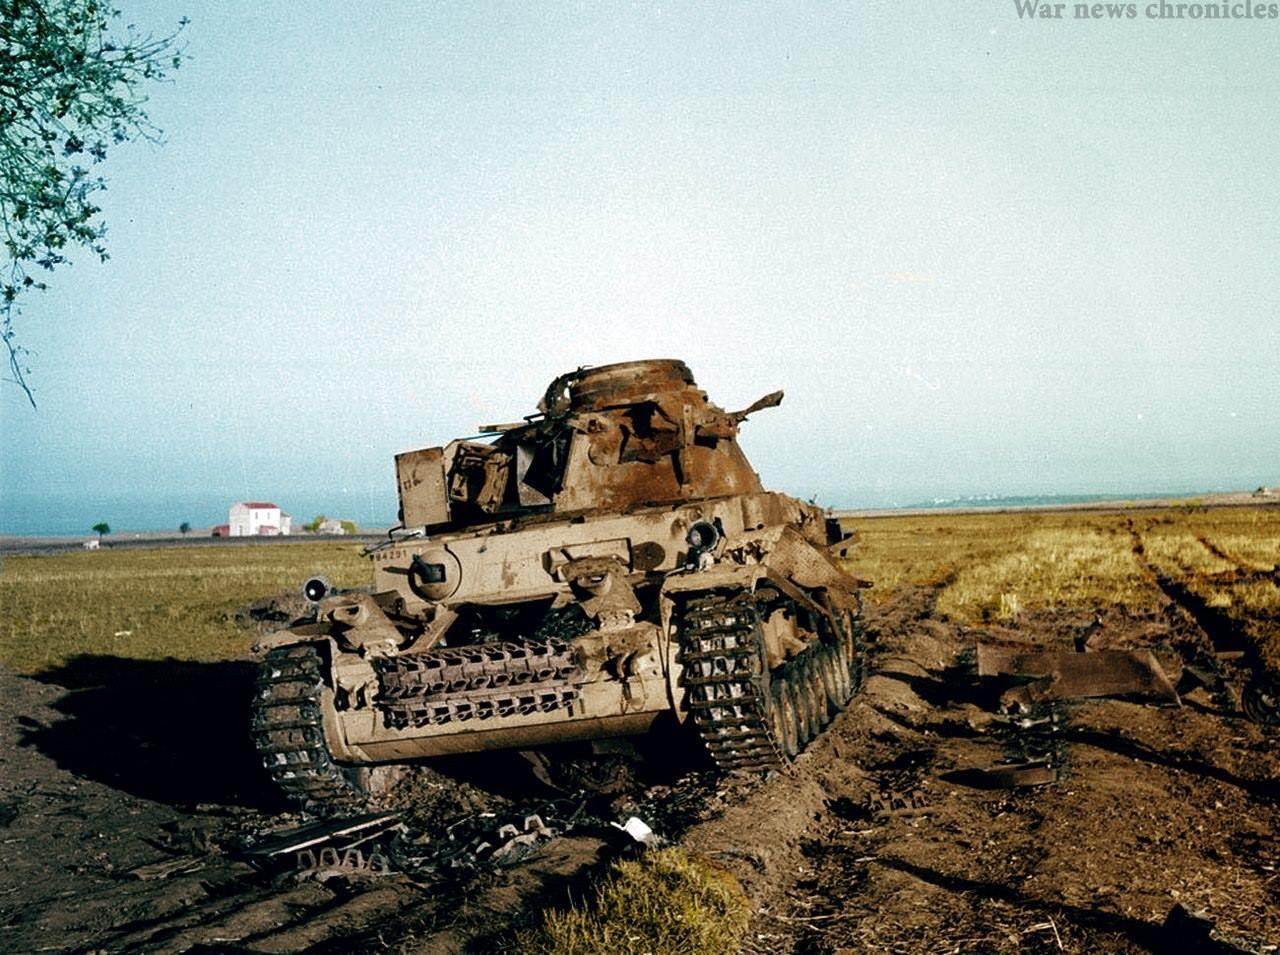 пространства выдержан подборка фото подбитых танков живот жир боках